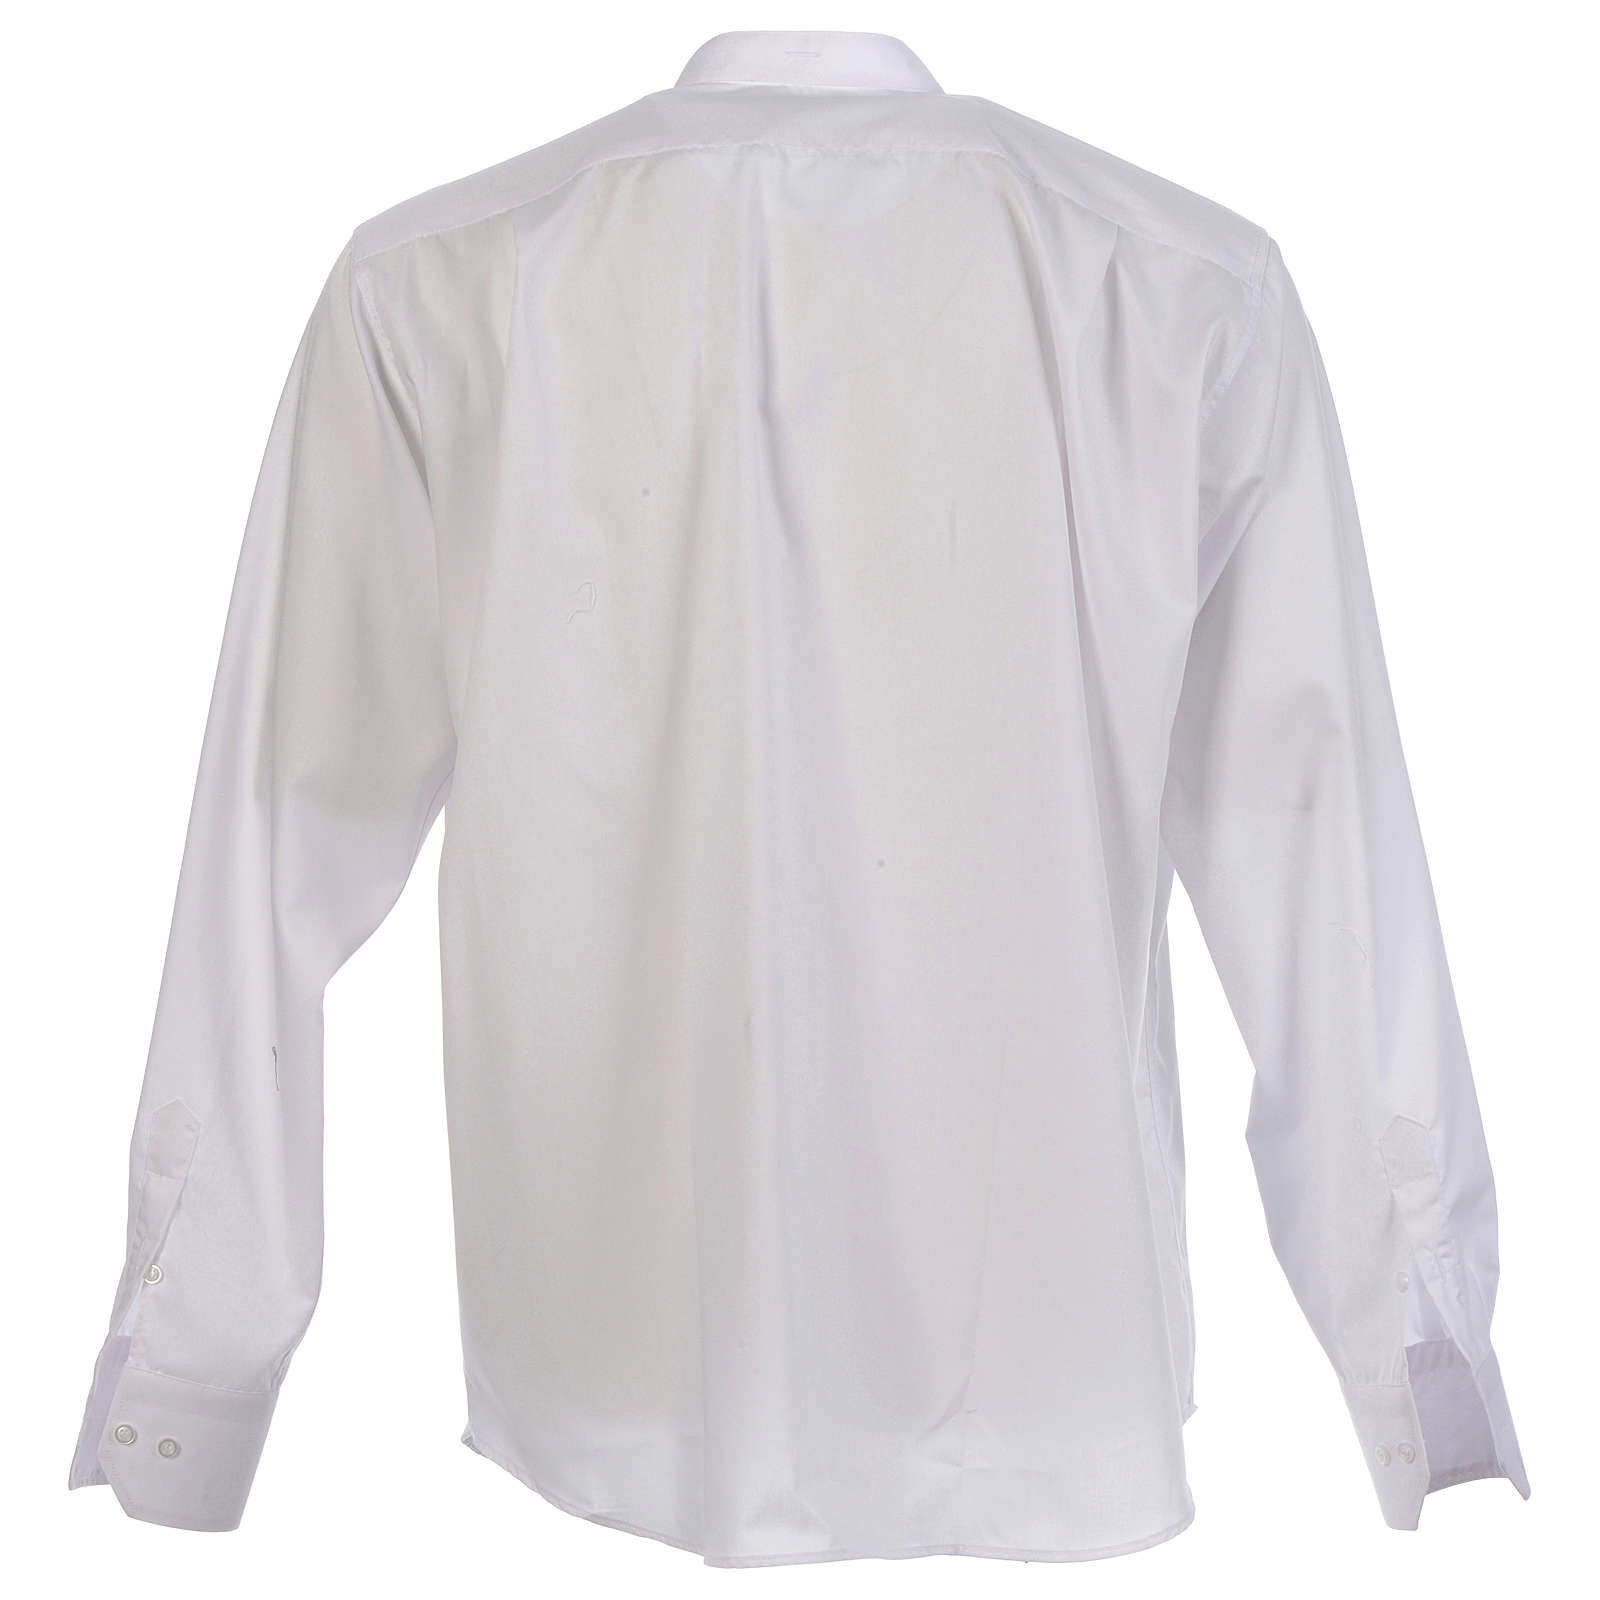 Shirt to wear under cassock covered shirt collar long sleeve 4